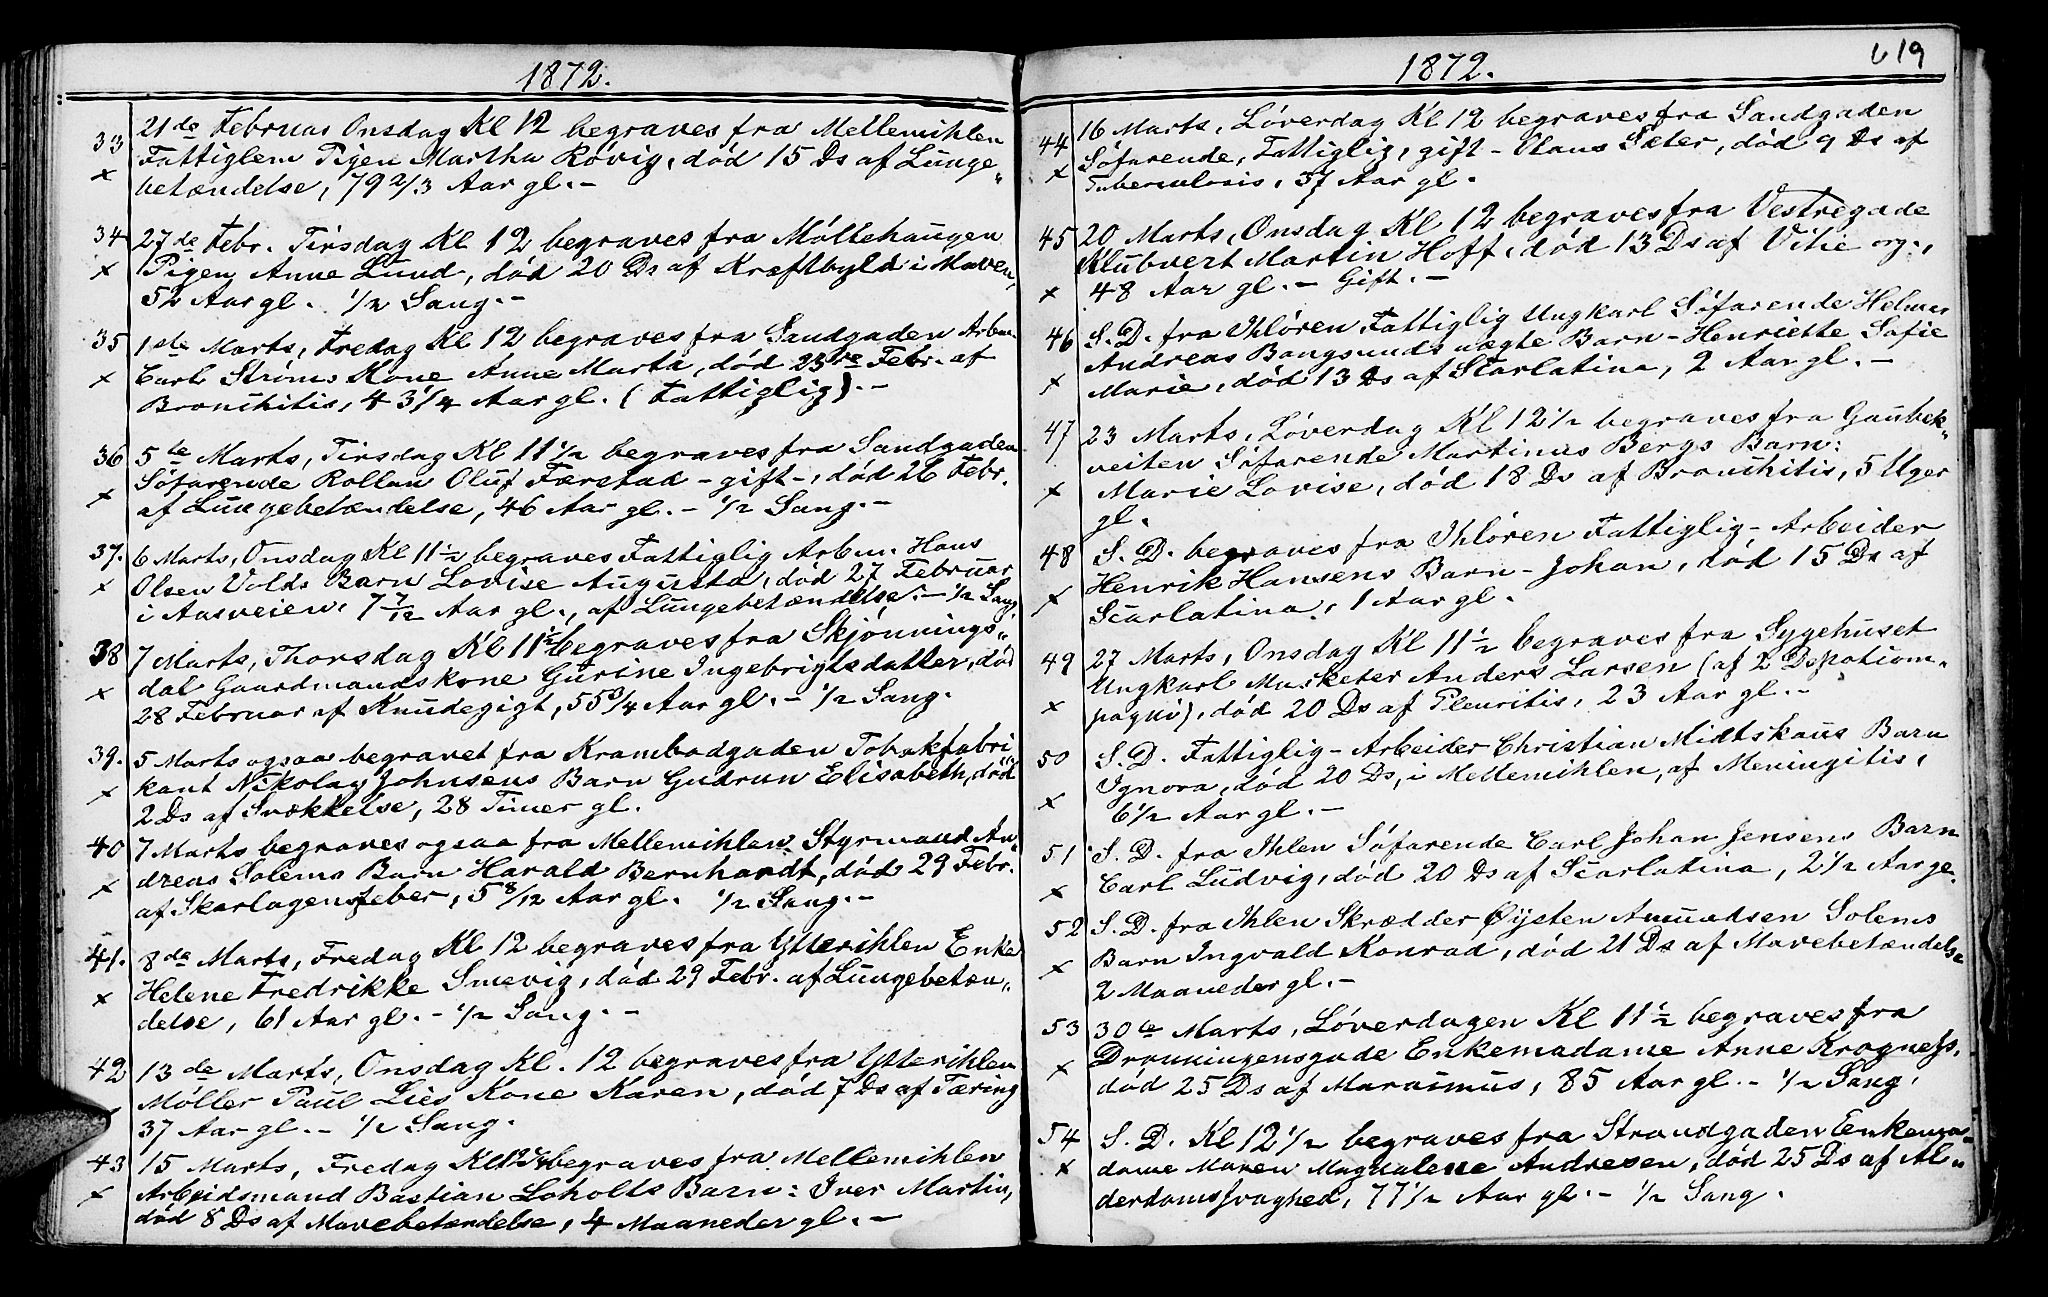 SAT, Ministerialprotokoller, klokkerbøker og fødselsregistre - Sør-Trøndelag, 602/L0140: Klokkerbok nr. 602C08, 1864-1872, s. 618-619